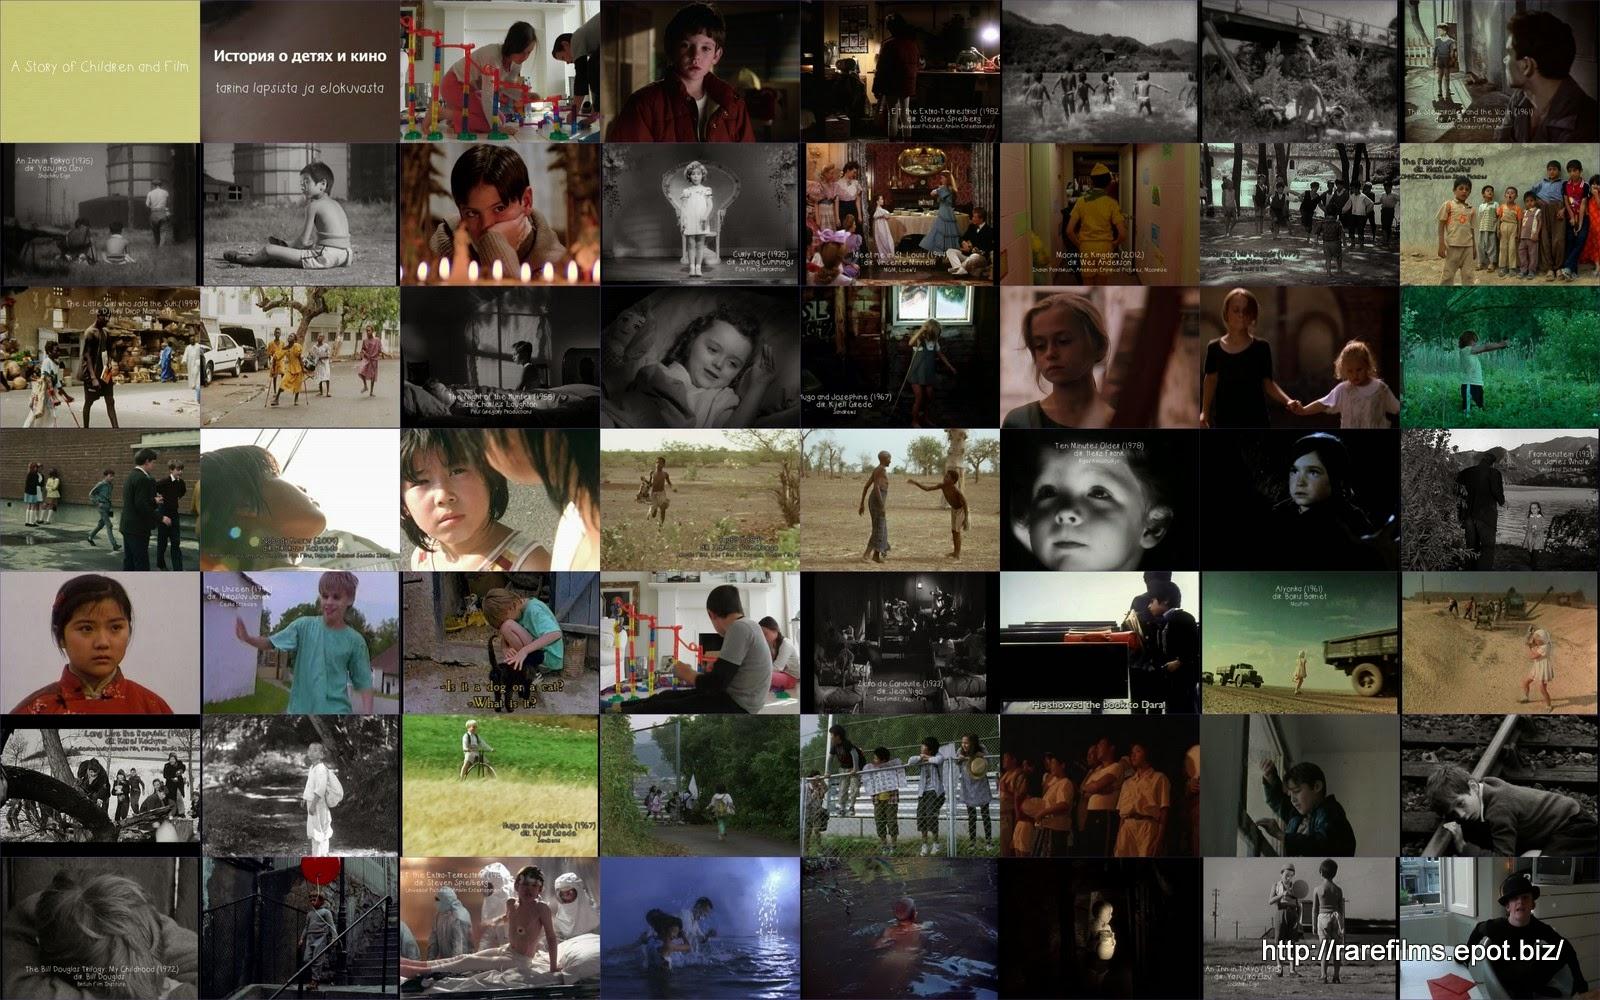 История о детях и кино / A Story of Children and Film. 2013.